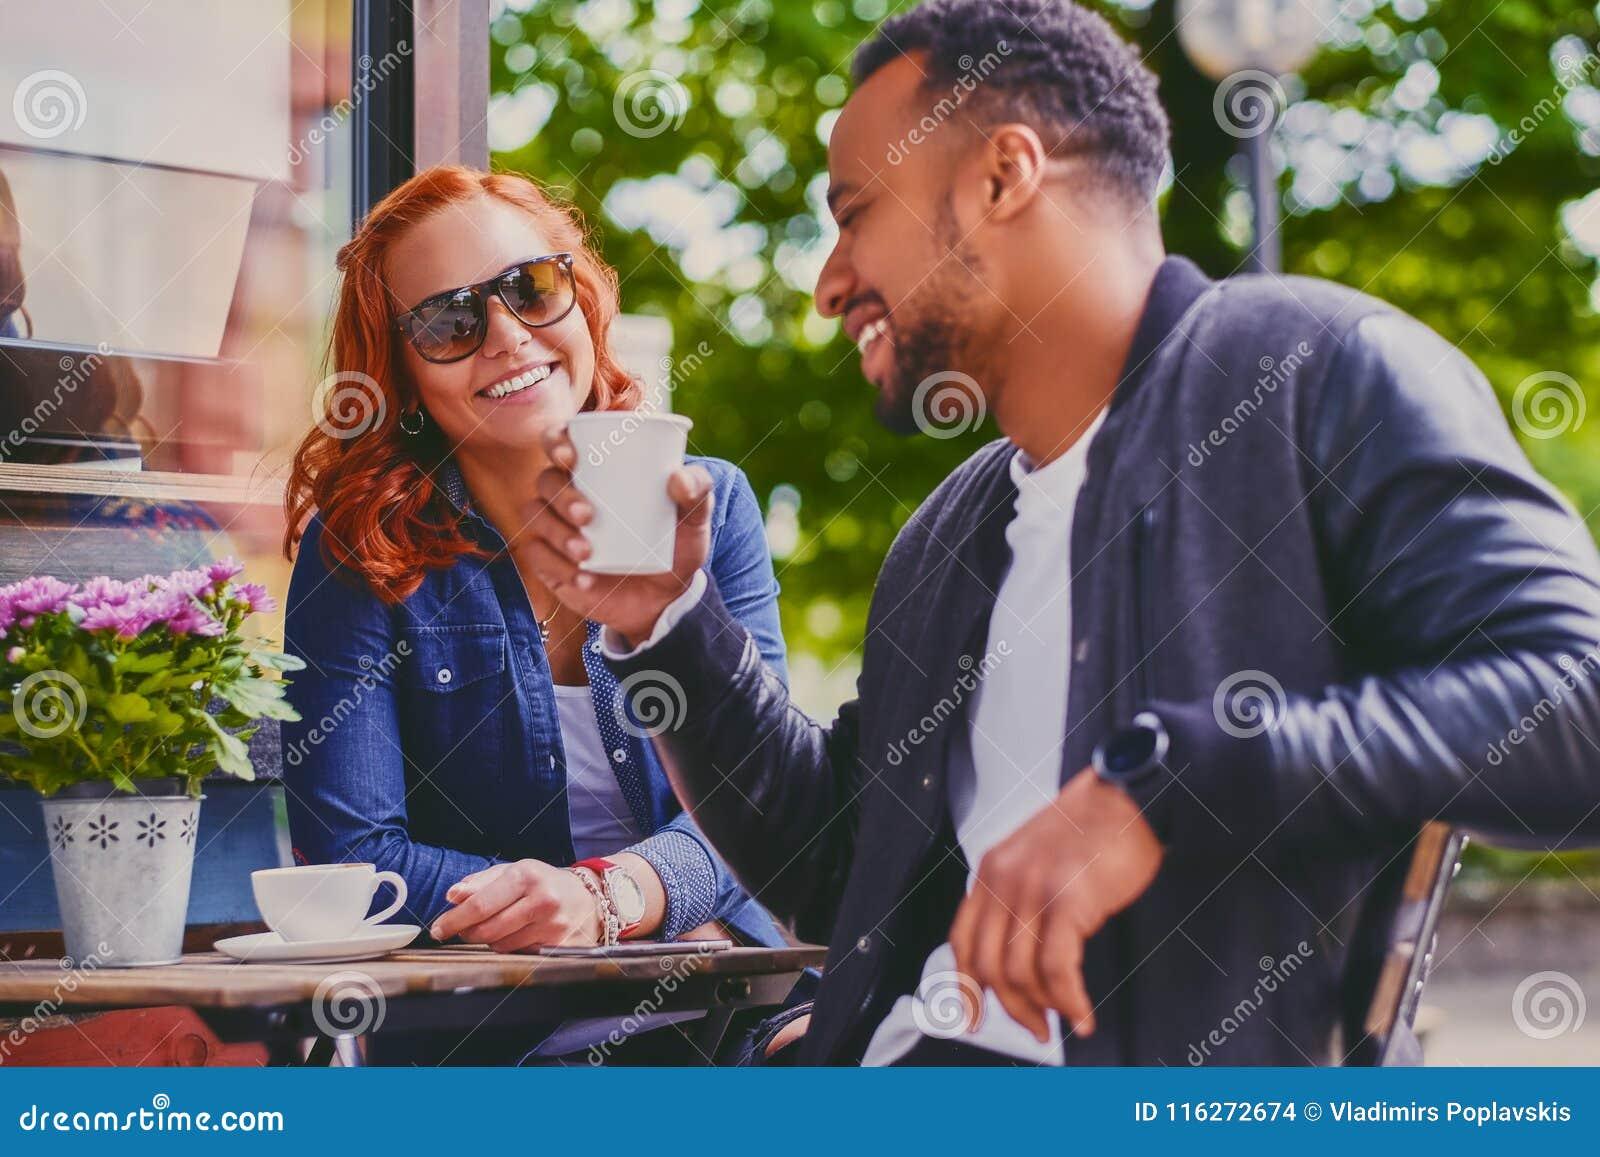 Boire et dater